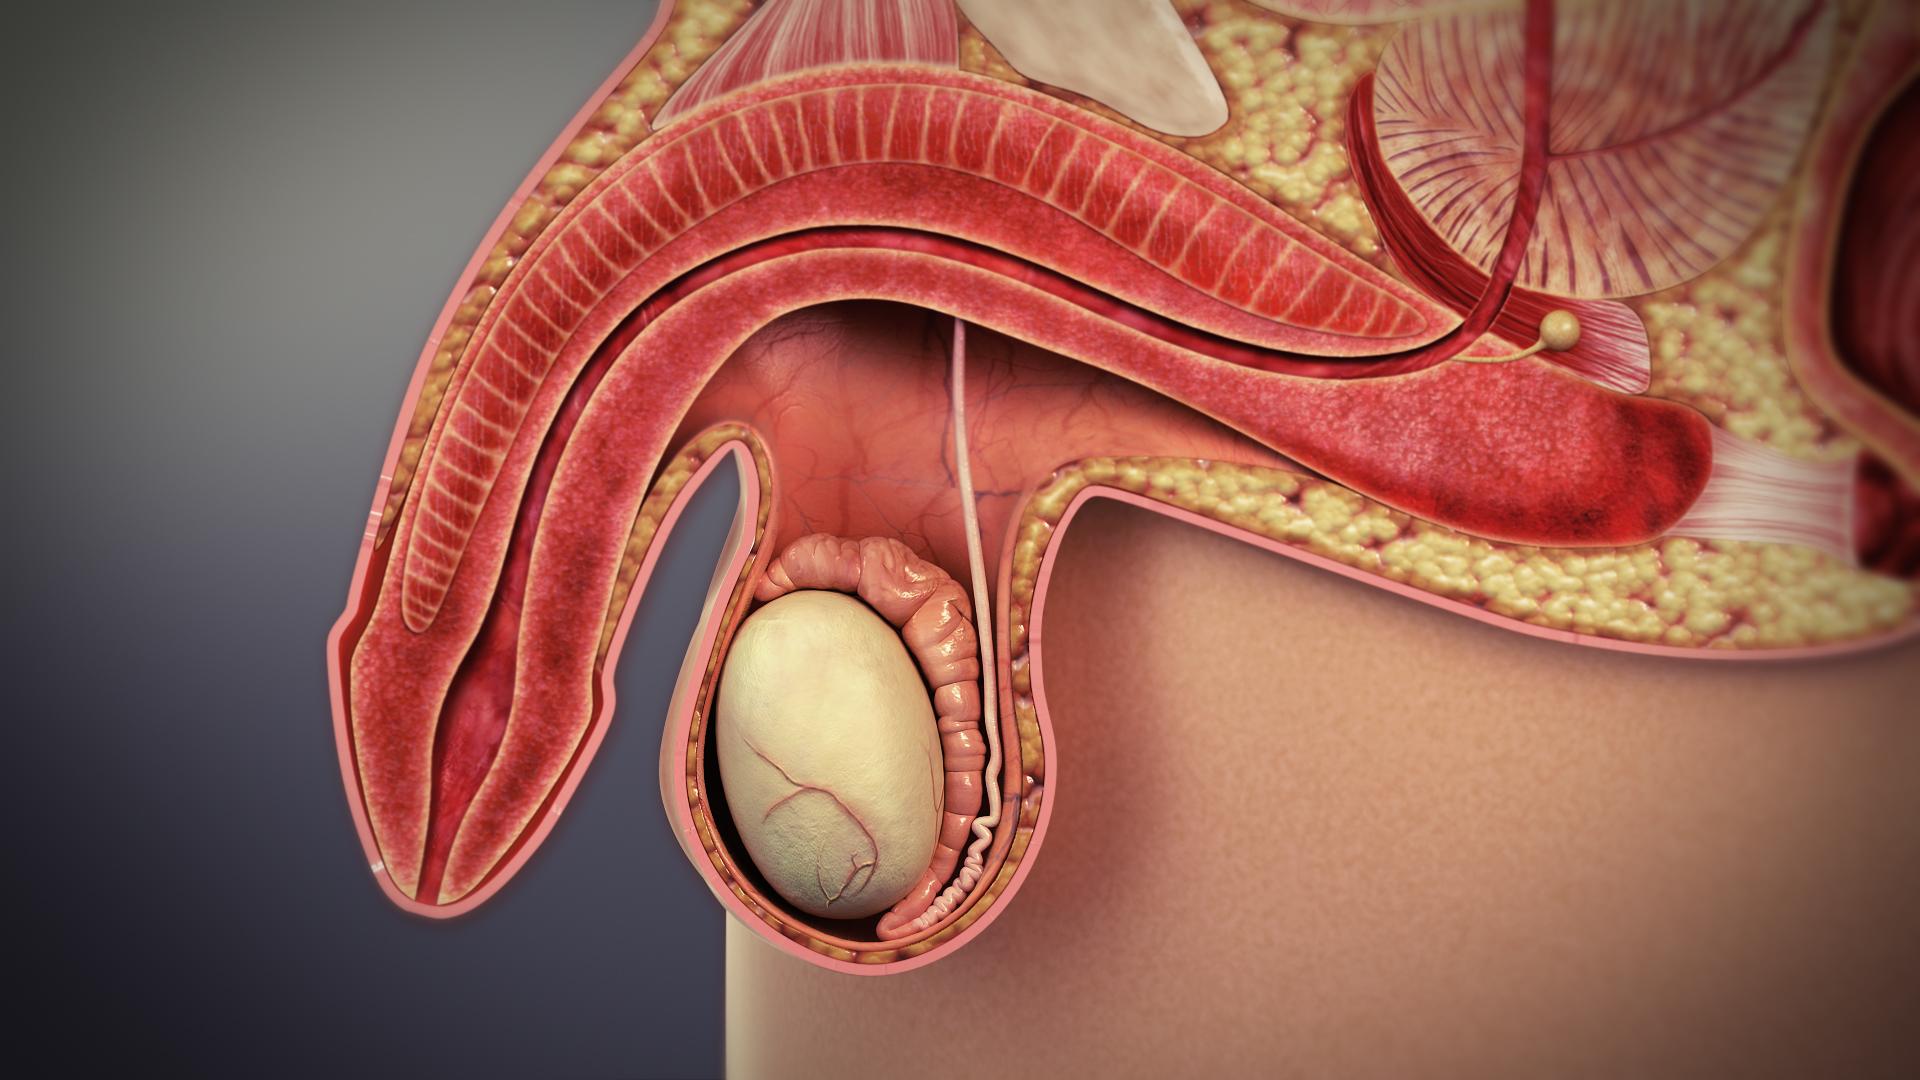 Zaburzenia erekcji - jak zwiększyć libido